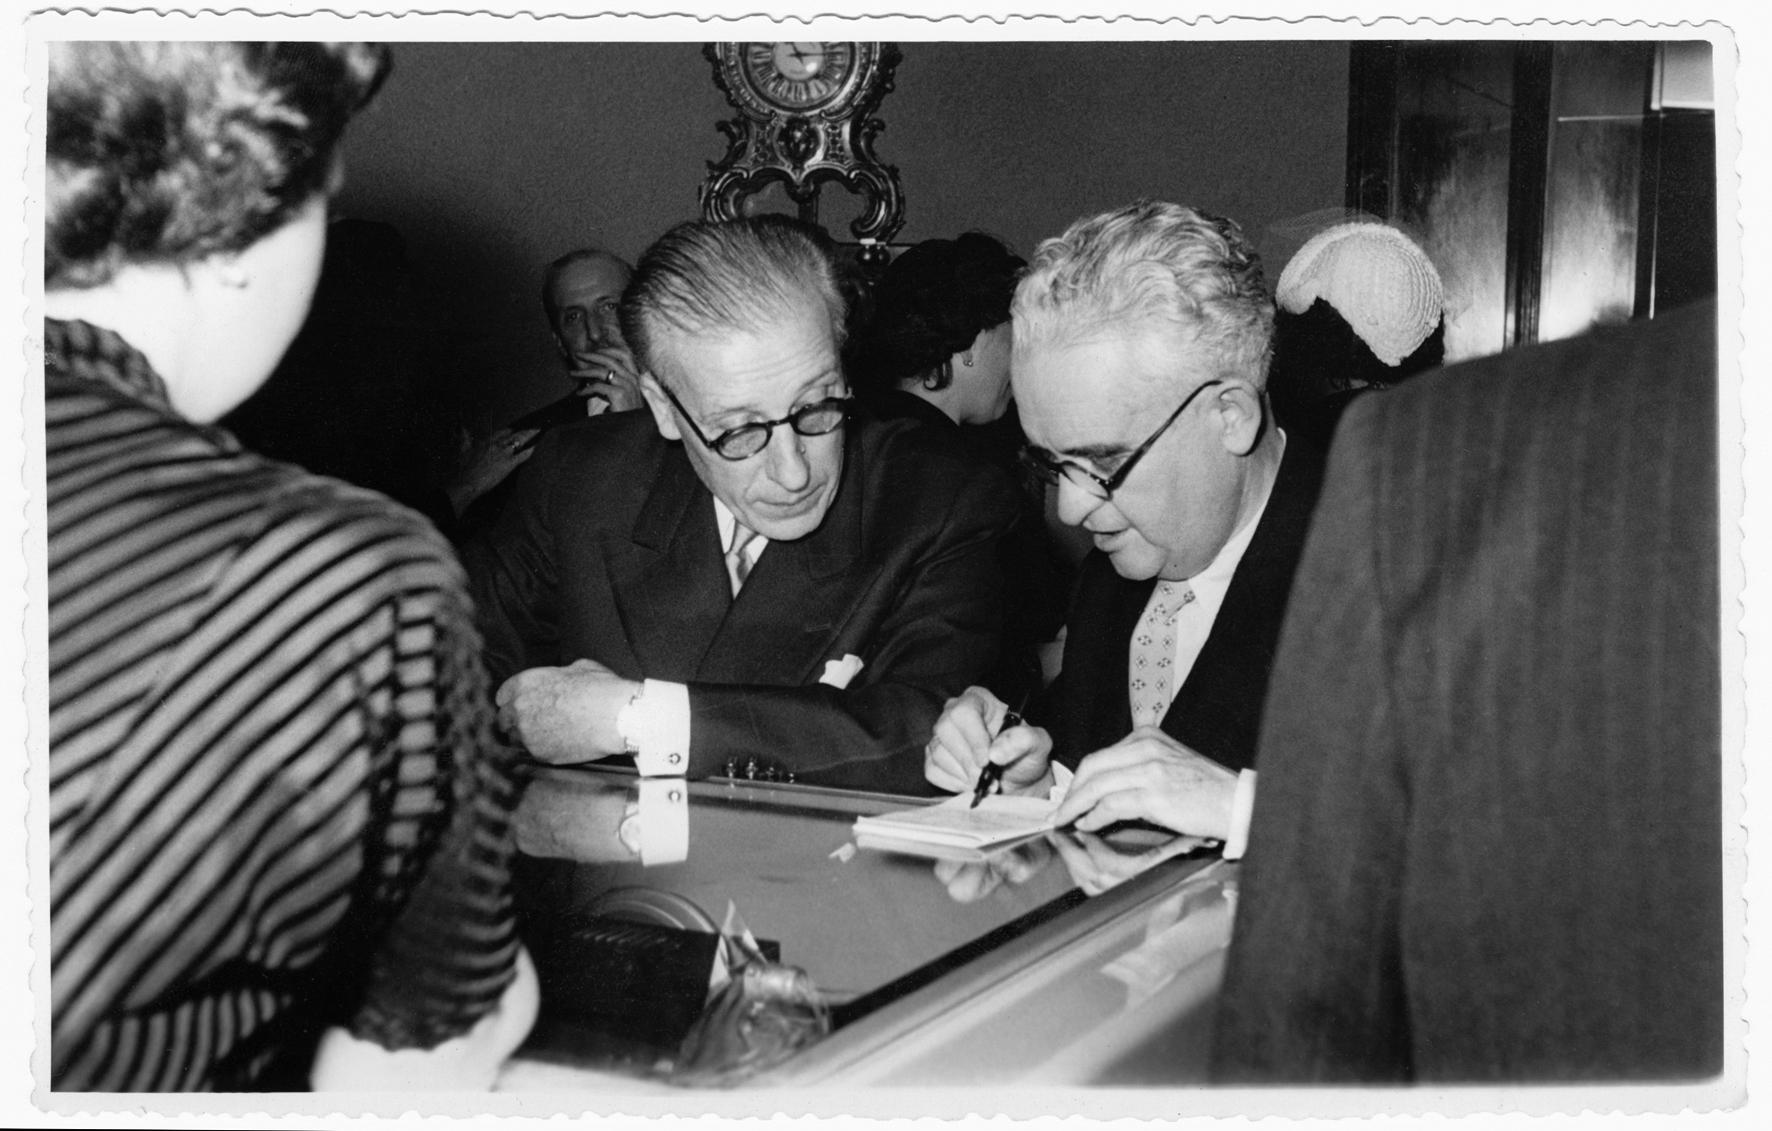 Alejandro Grassy y el ingeniero André Thomas Belin, antiguos compañeros de la Resistencia francesa, apoyados sobre el reloj parlante el día de la inauguración de Grassy (7 de mayo de 1953).